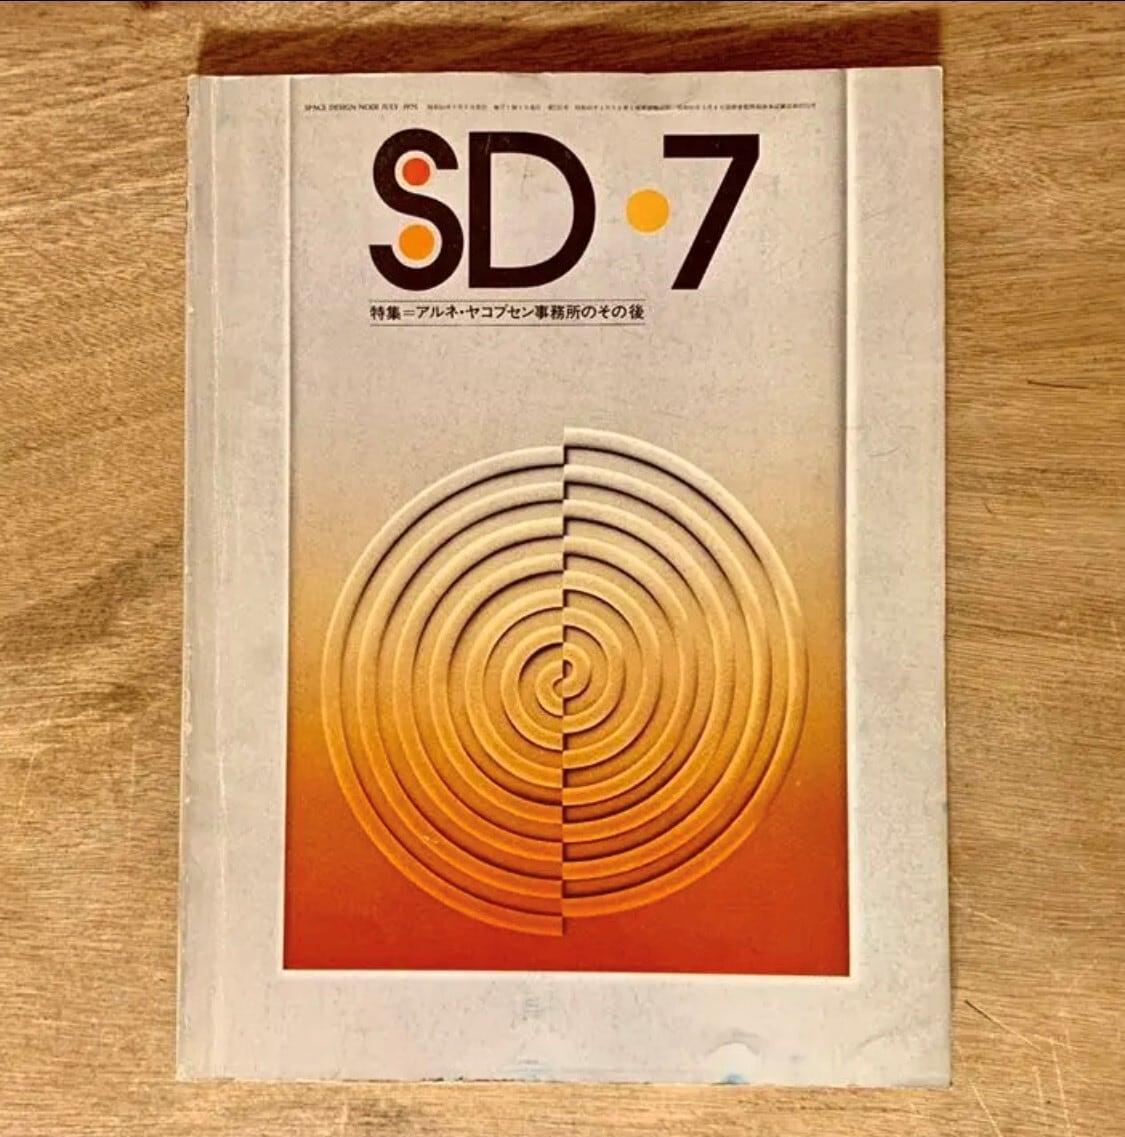 アルネ・ヤコブセン事務所のその後  /  SD スペースデザイン第131号